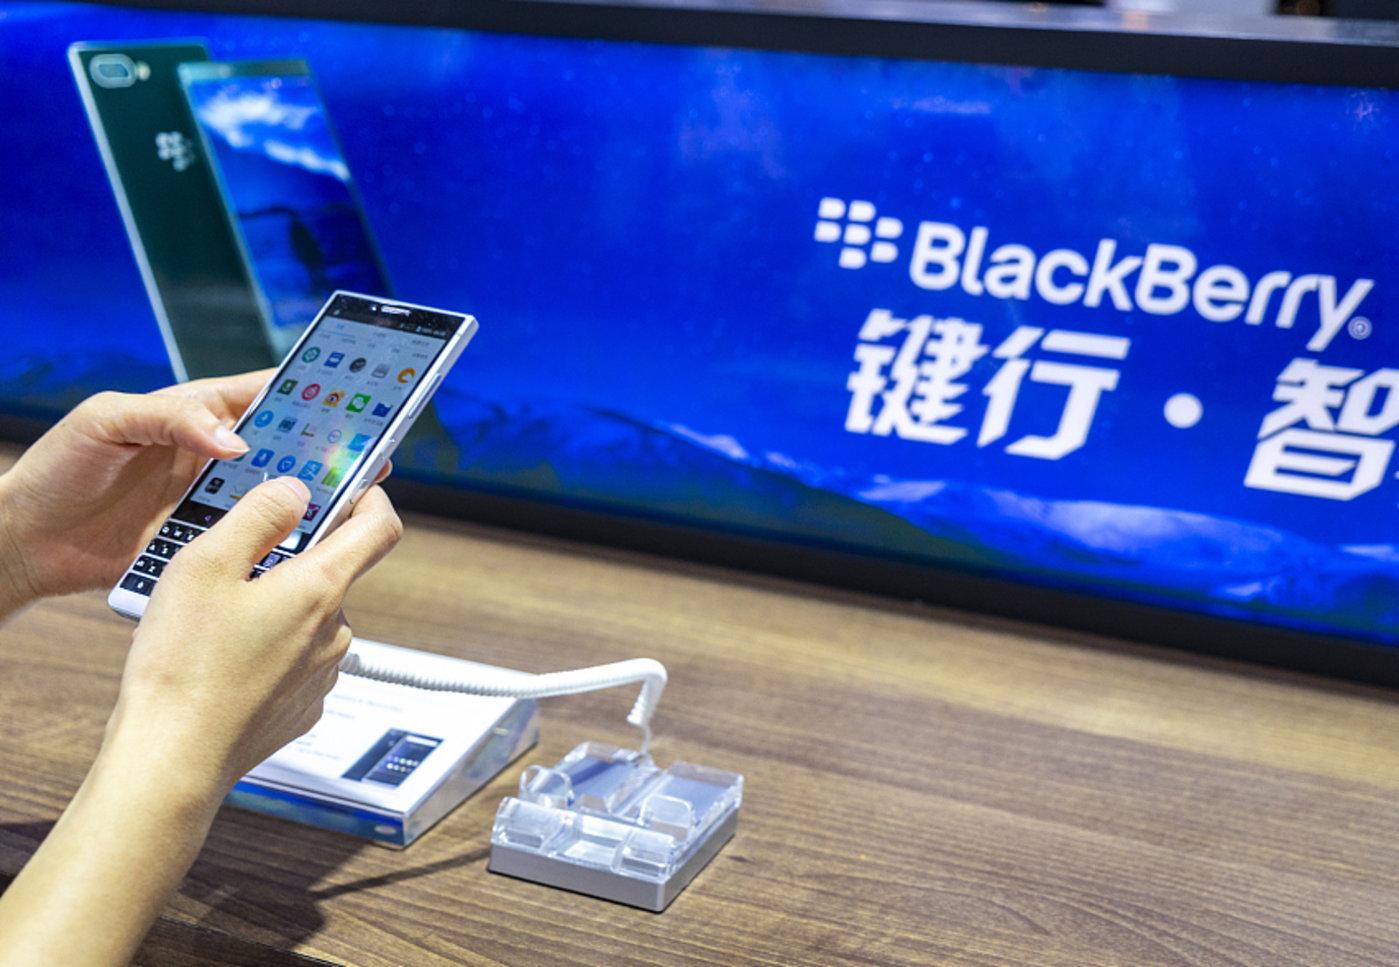 2018年CESA上展出TCL黑莓手机